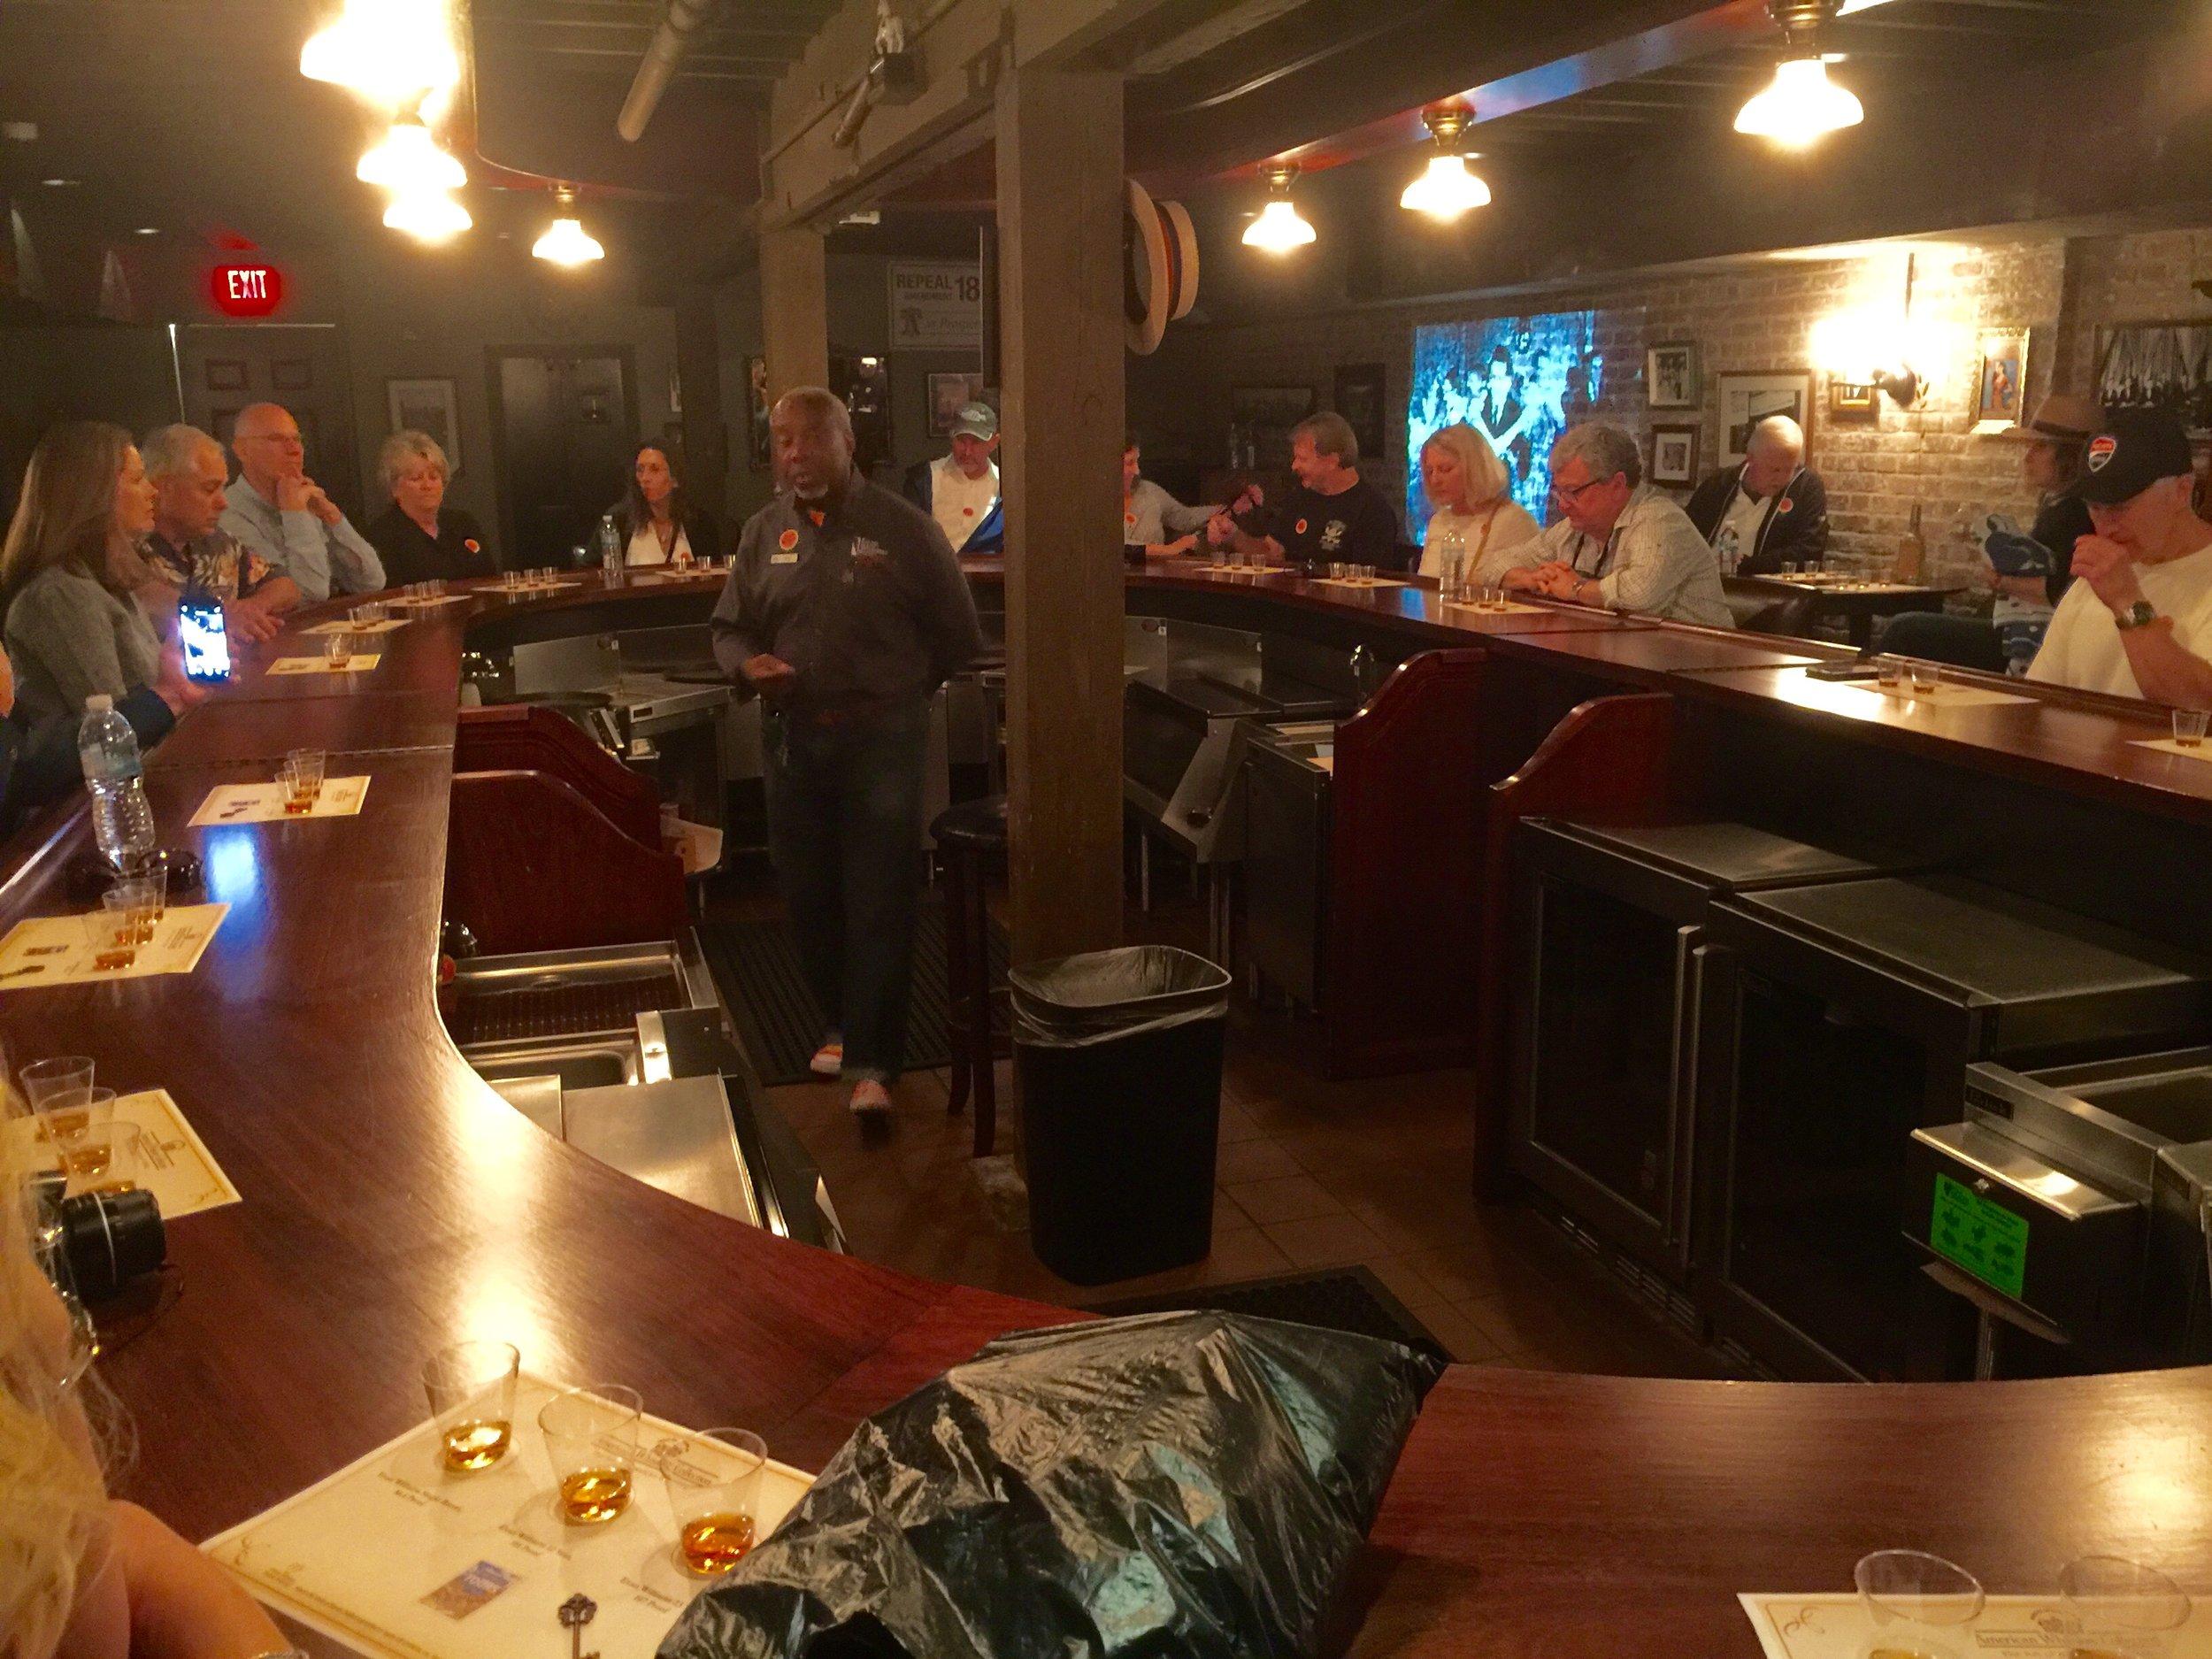 Premium bourbon tasting in the secret underground speakeasy bar at Evan Williams.